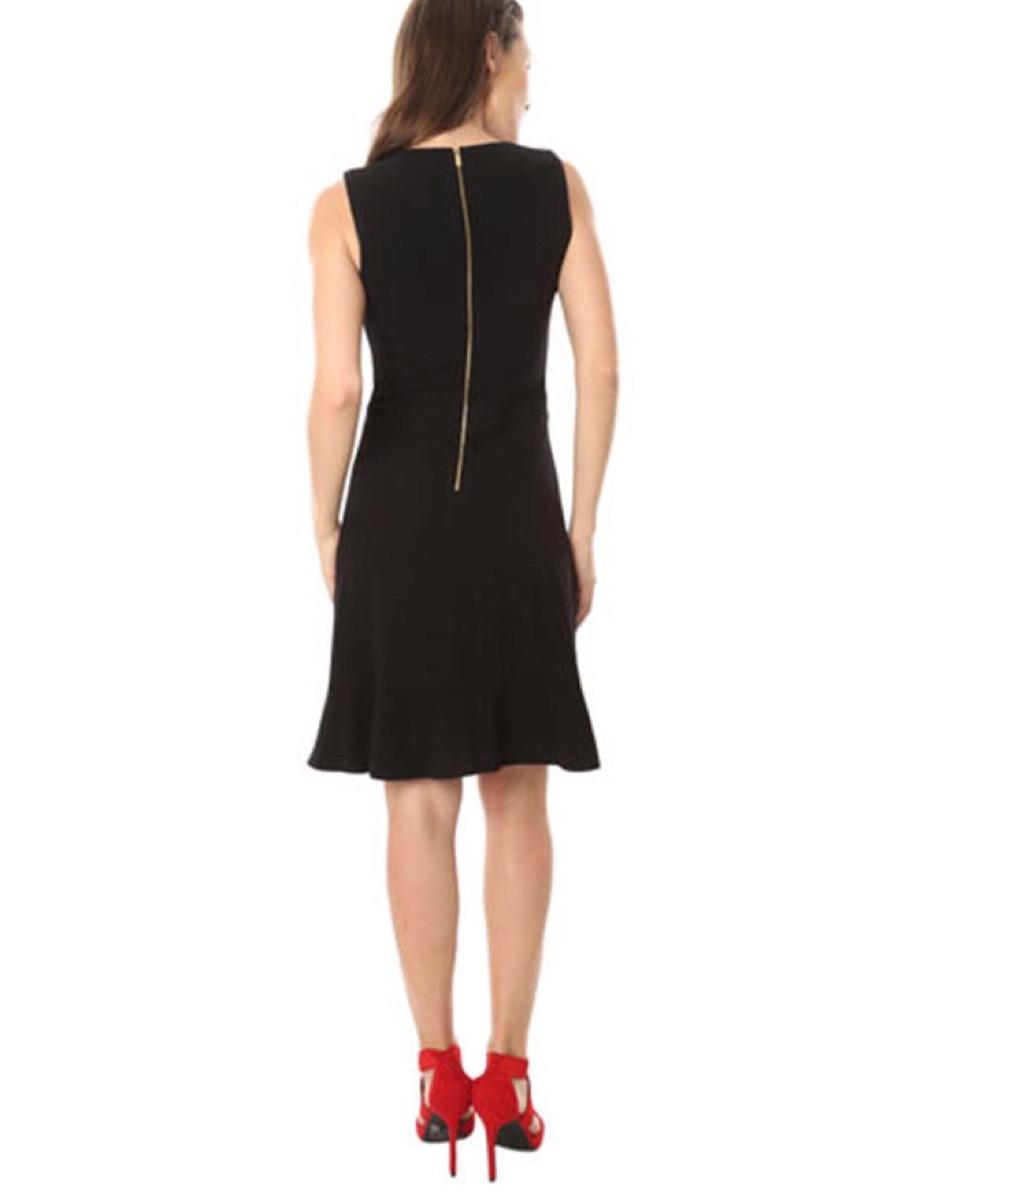 00ddae0b2a elegante vestido calvin klein negro escarola corto t6 formal. Cargando zoom.